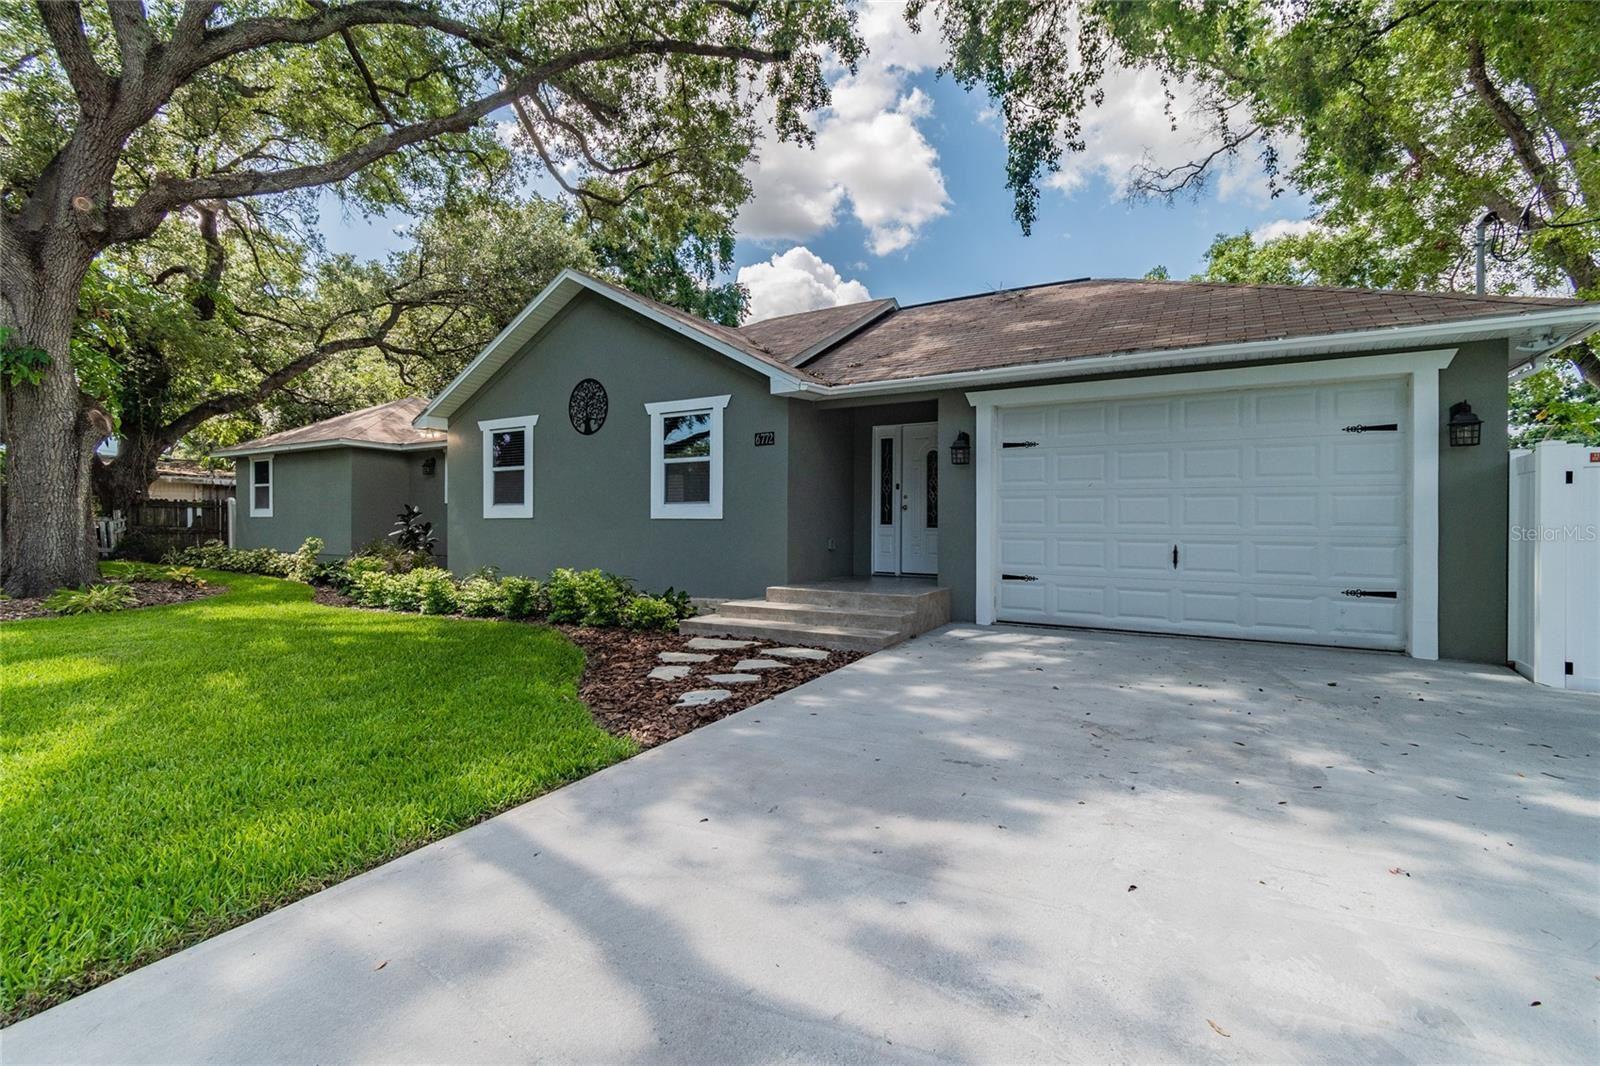 6772 RALSTON BEACH CIRCLE, Tampa, FL 33614 - MLS#: T3312612